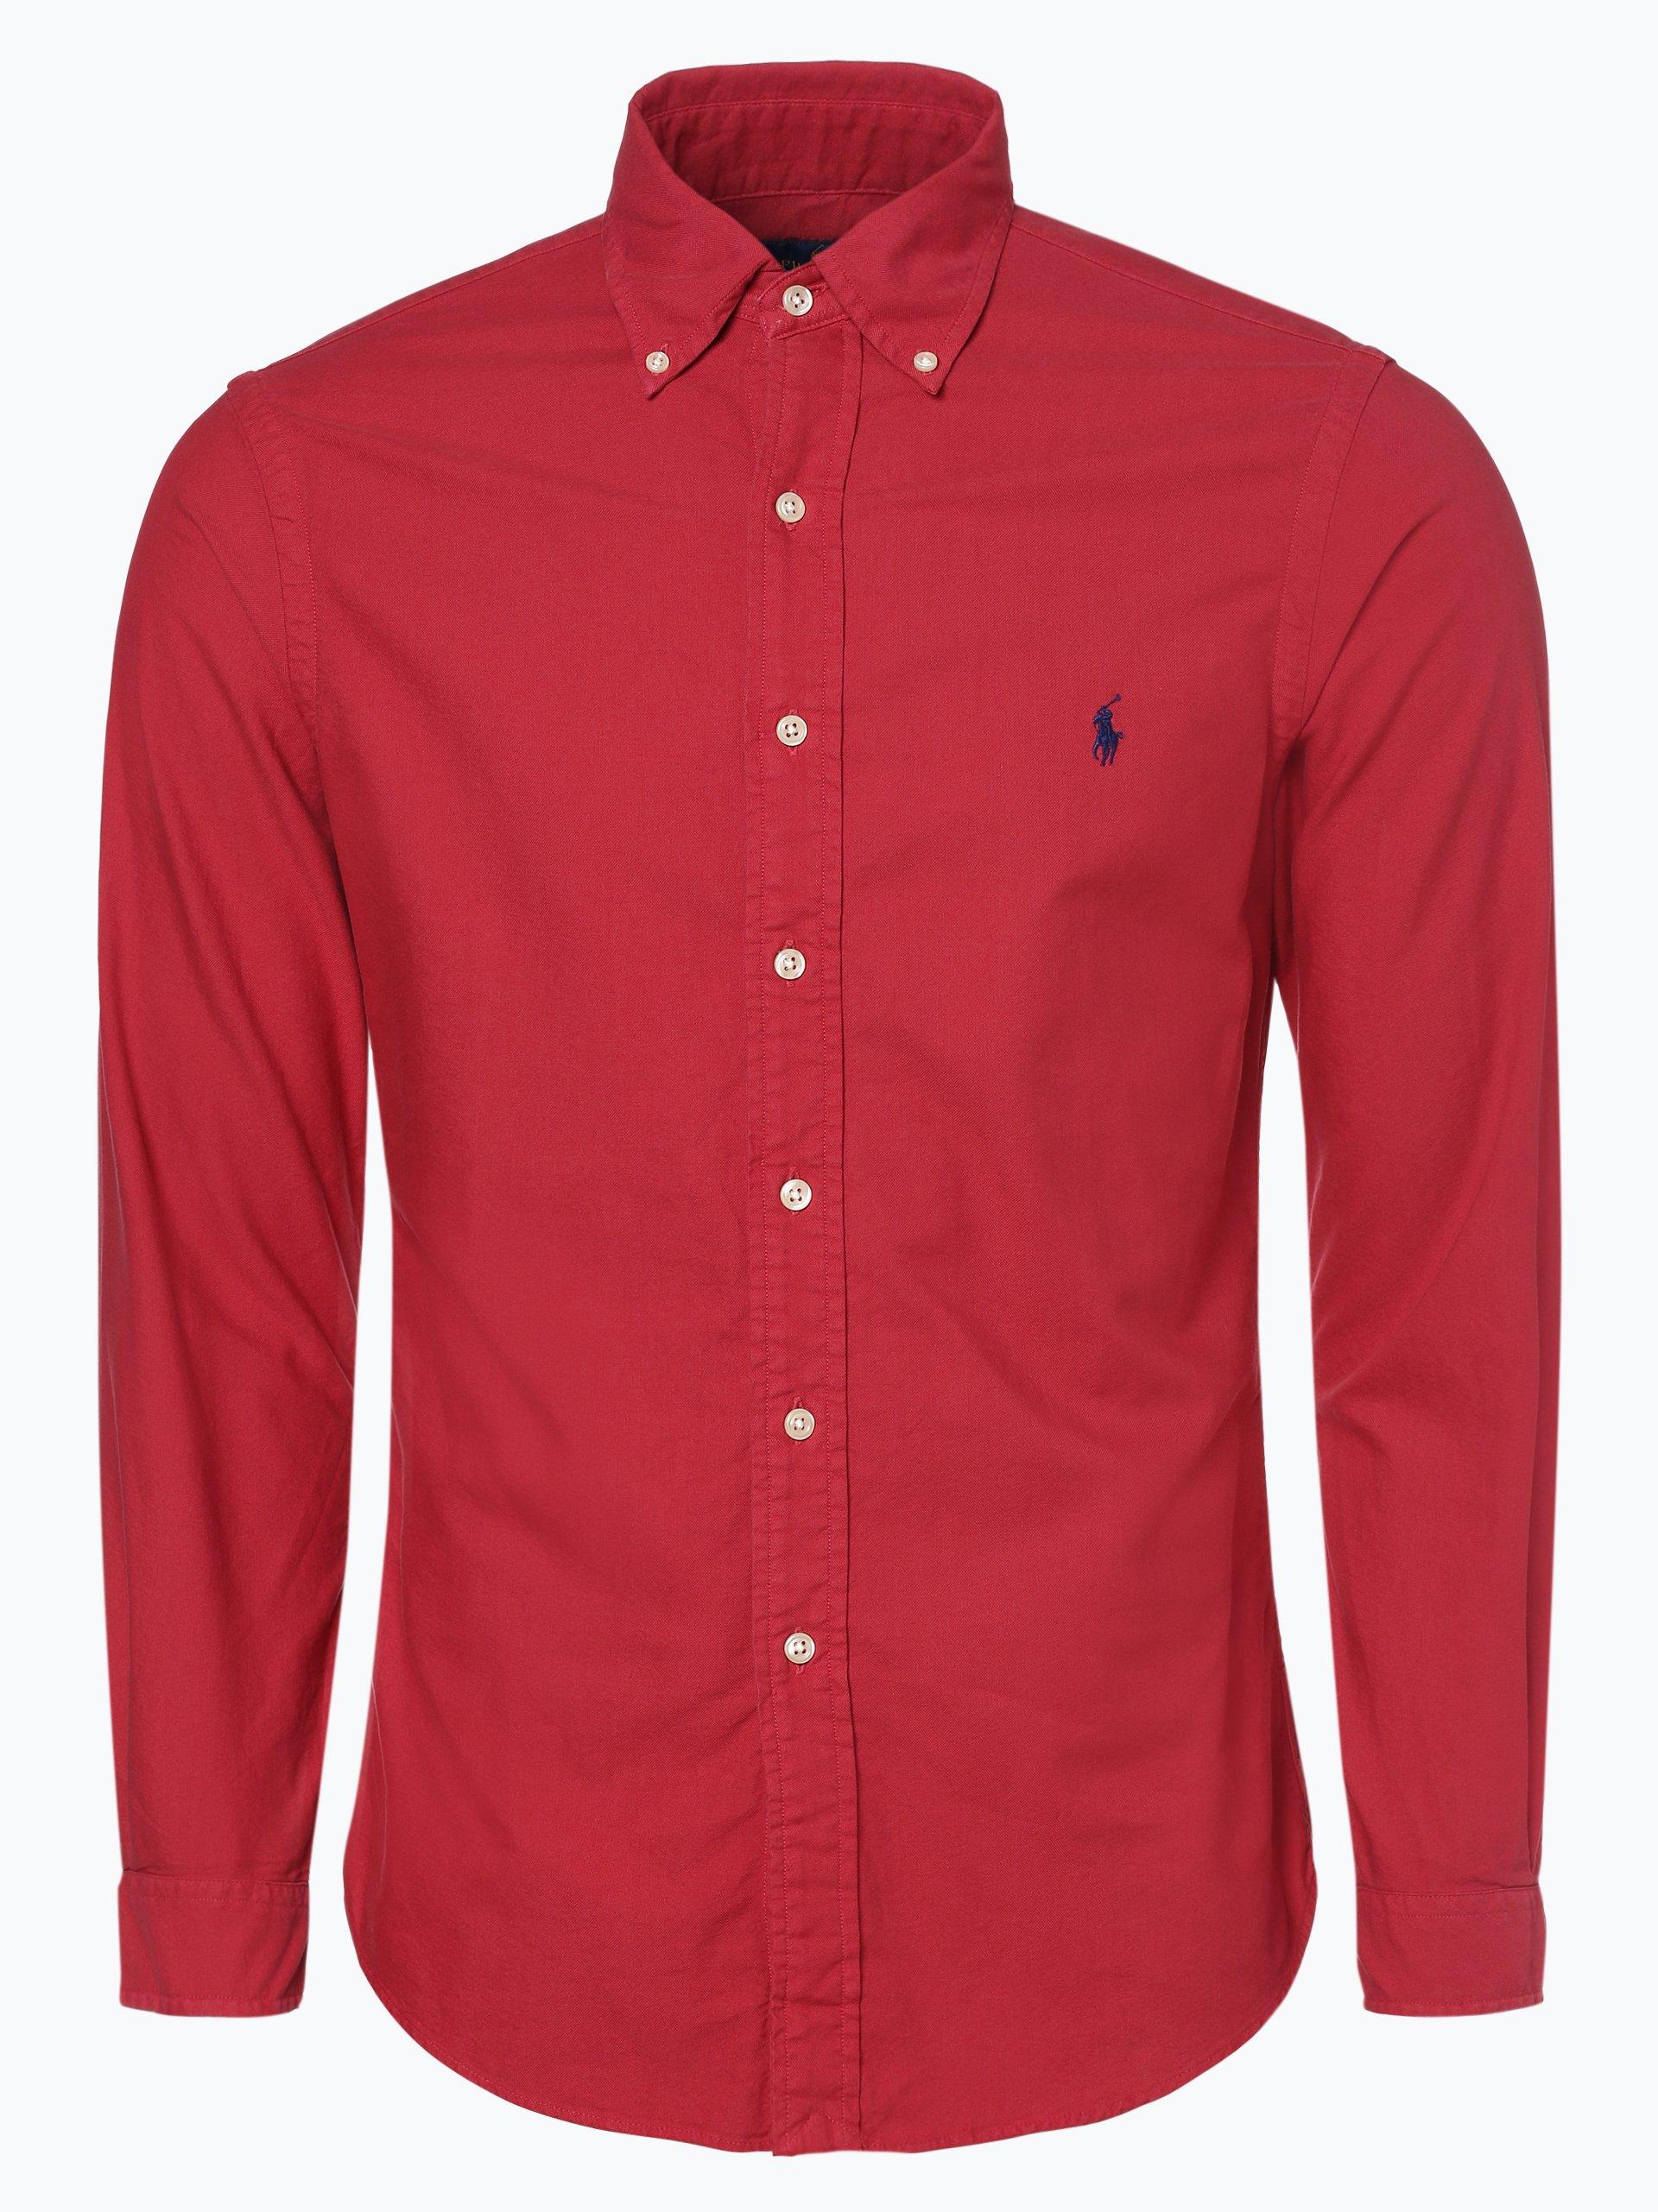 Polo Ralph Lauren Herren Hemd - Slim Fit